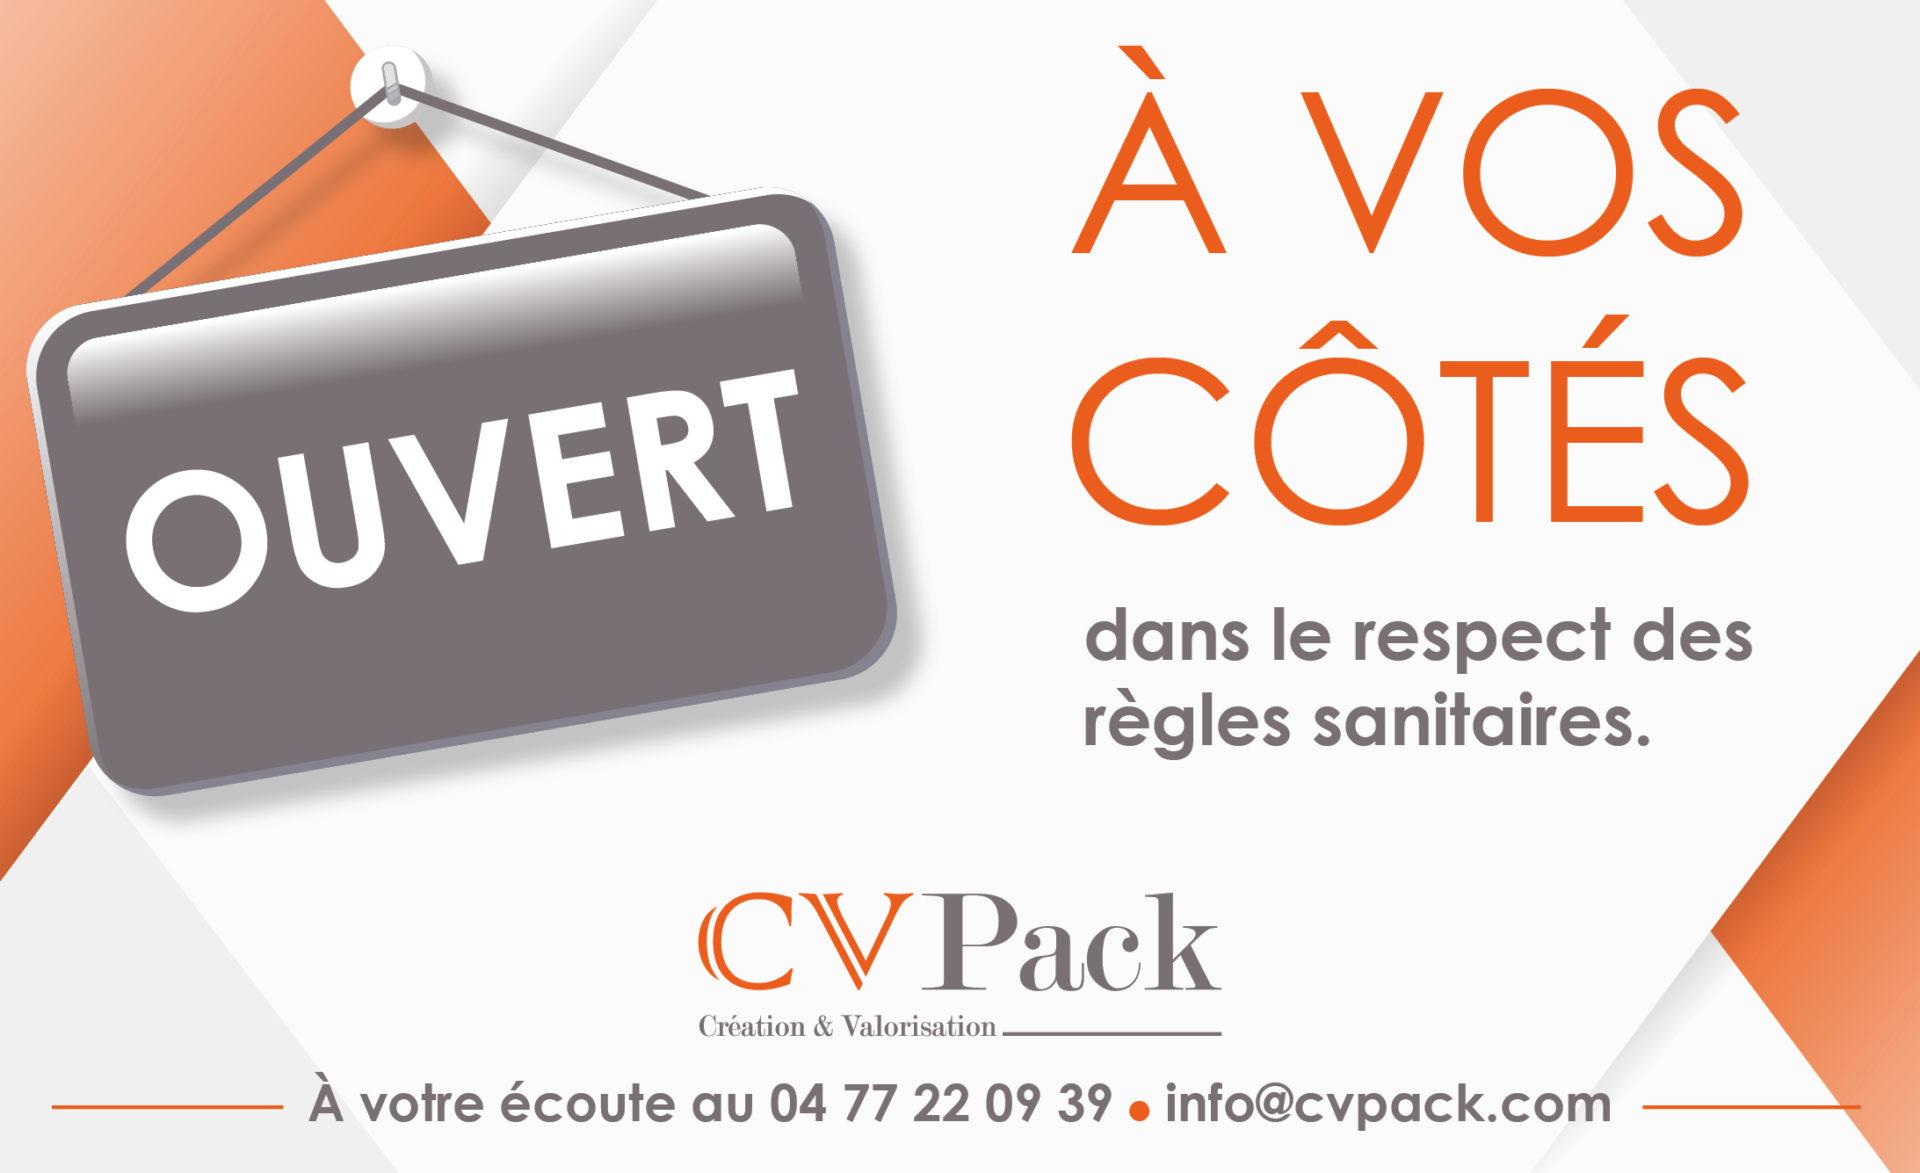 cv pack